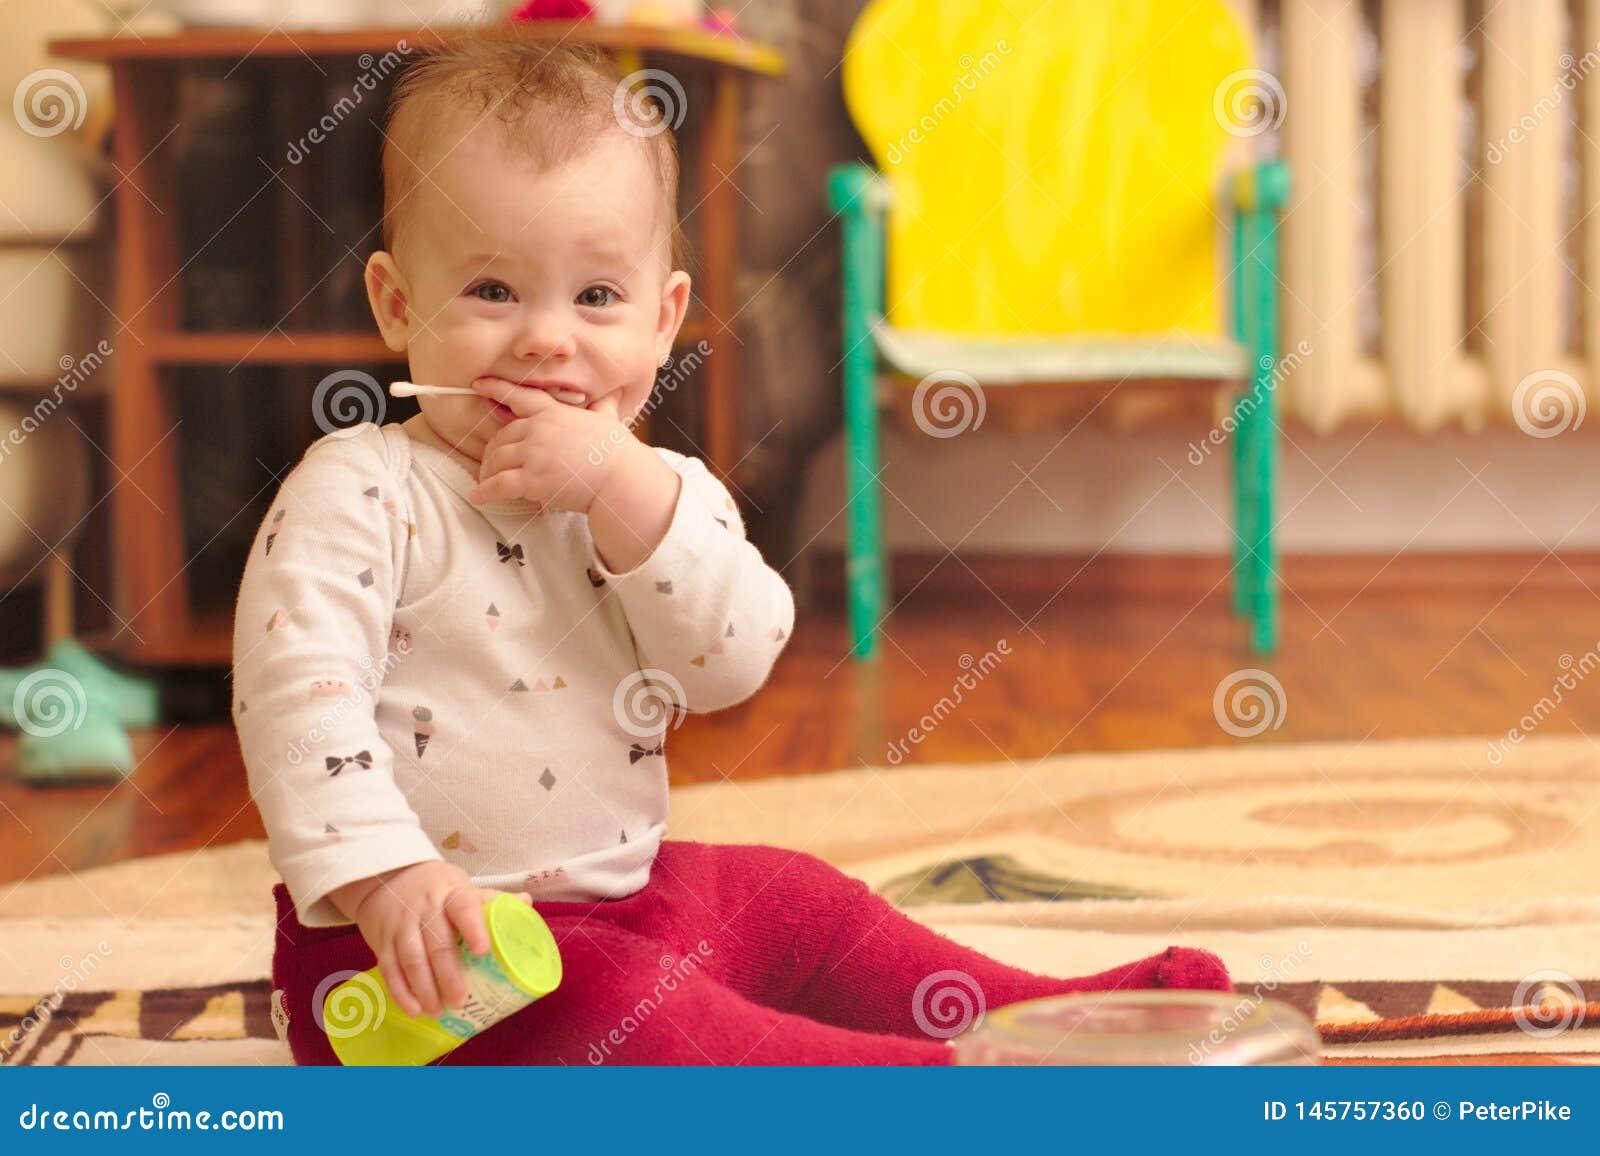 Mały dziecko siedzi na podłodze w pokoju i bawić się z uszatymi kijami